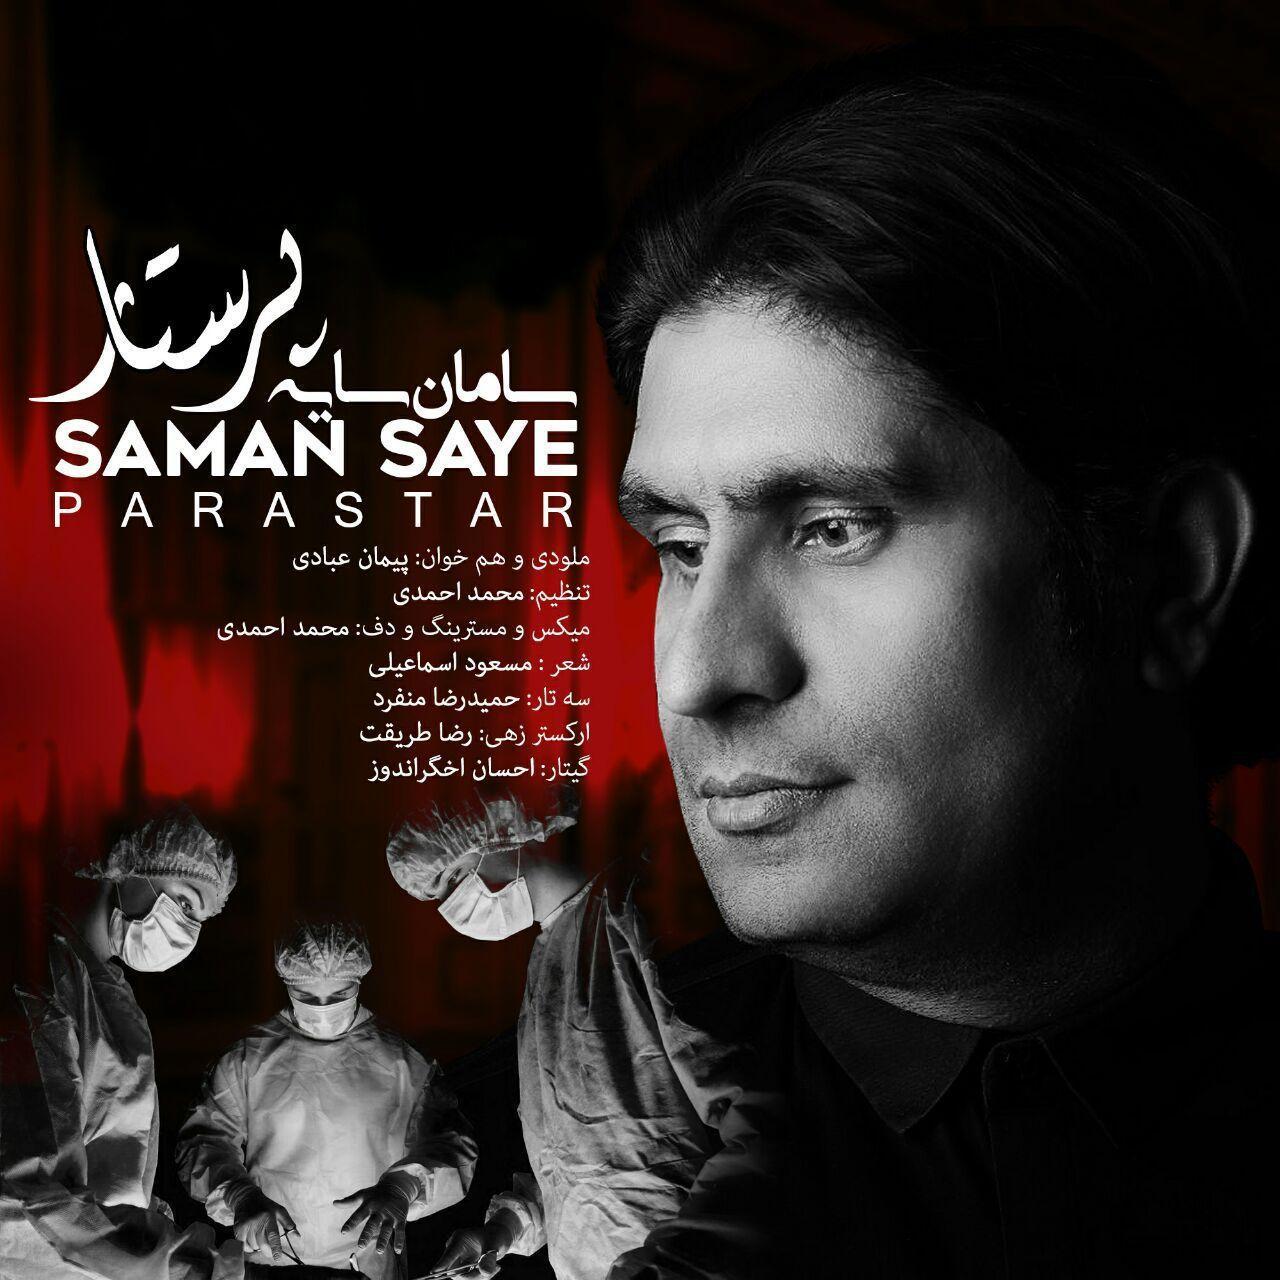 Saman Saye – Parastar